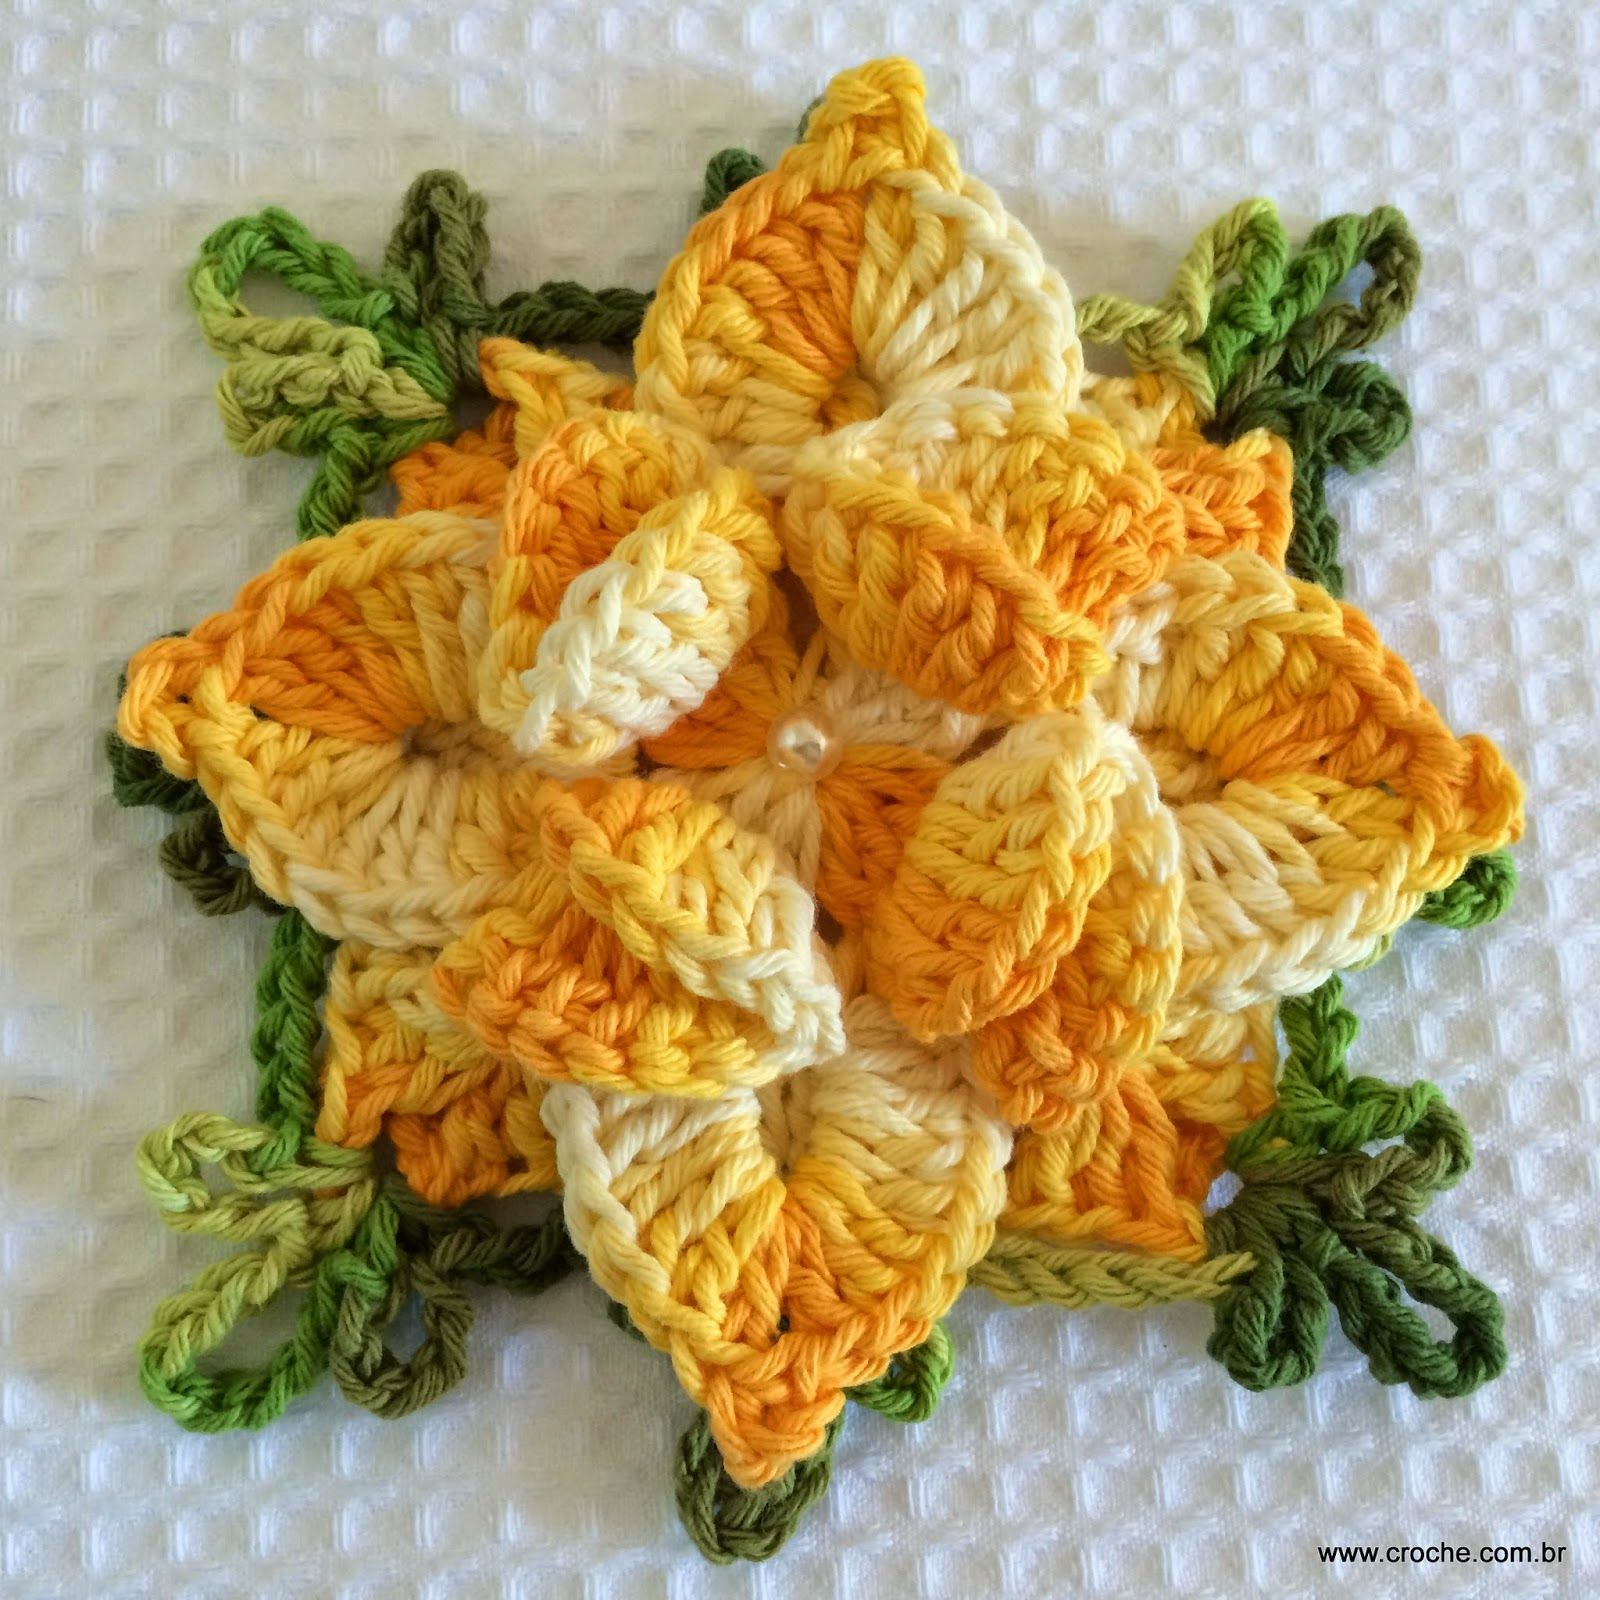 Flor estrela dupla passo a passo - www.croche.com (1) croche ...